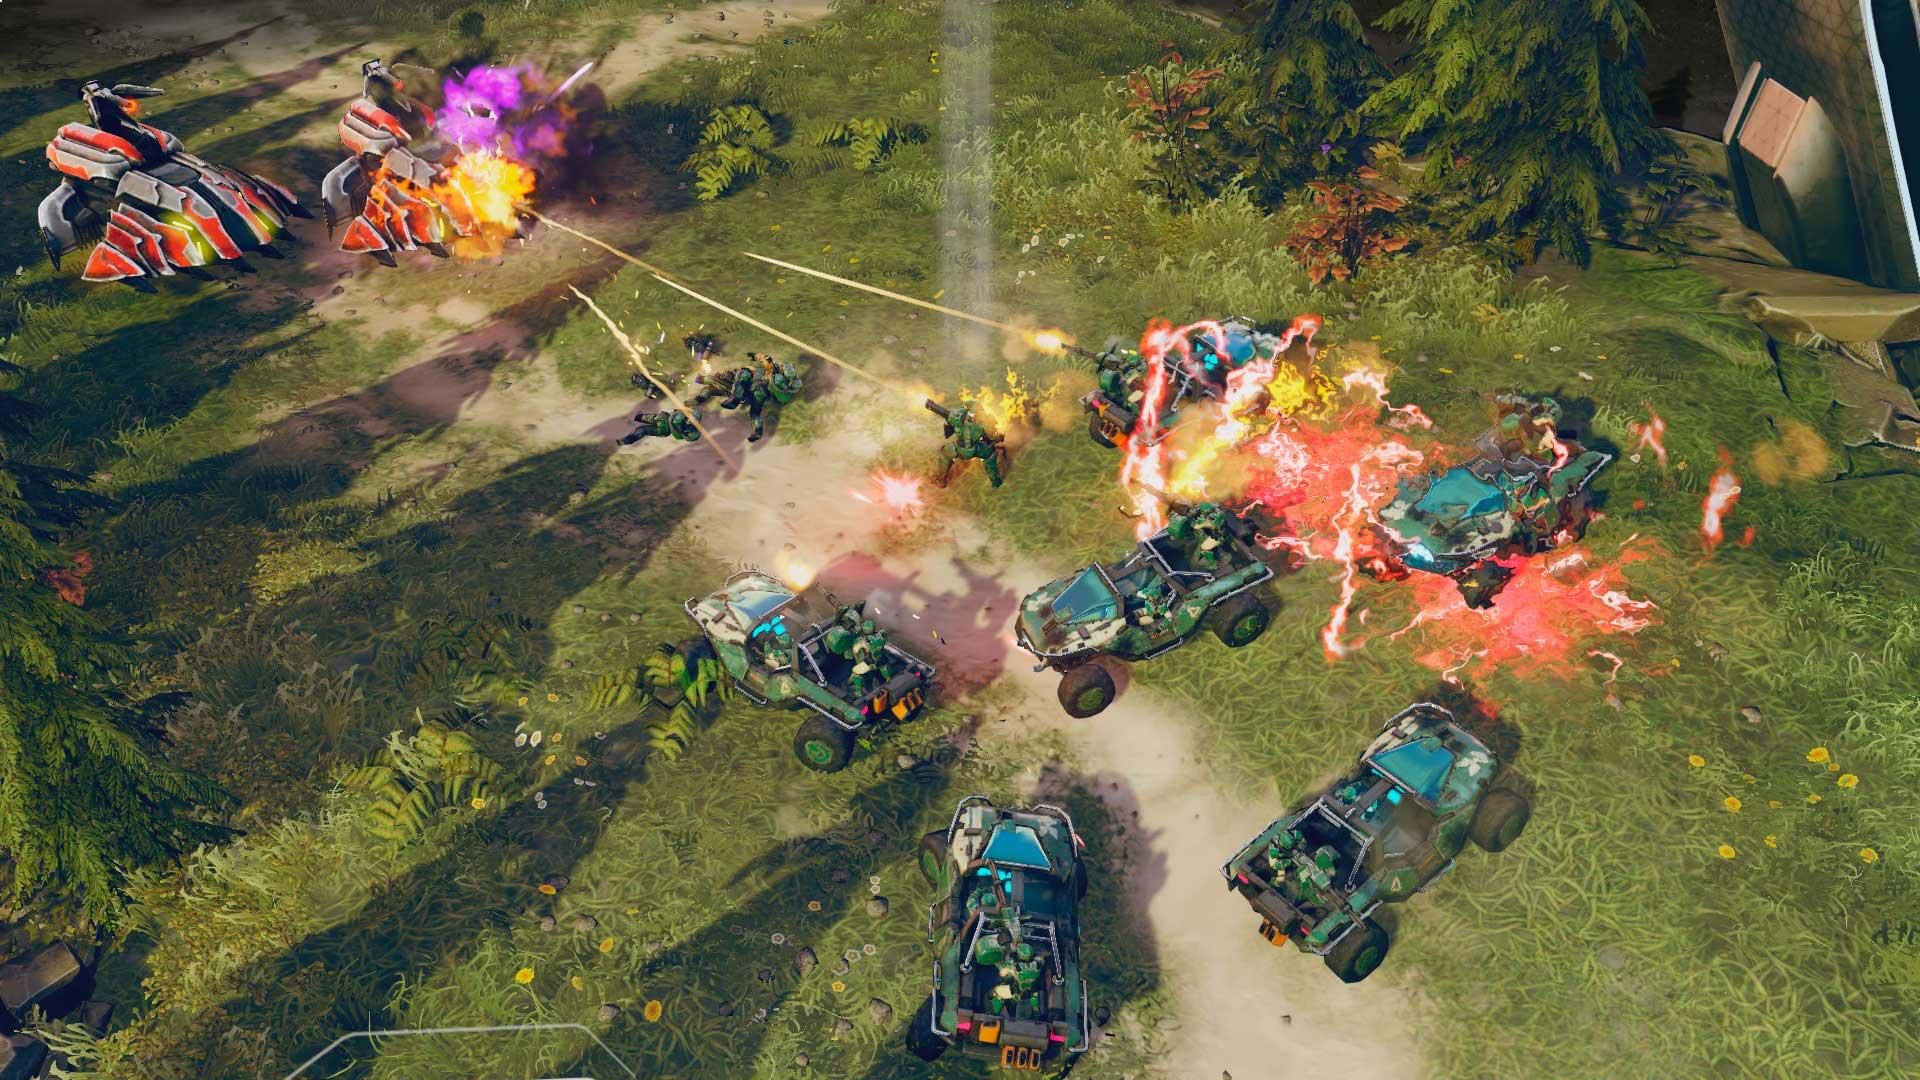 Análisis de Halo Wars 2 en Xbox One y Windows 10 3